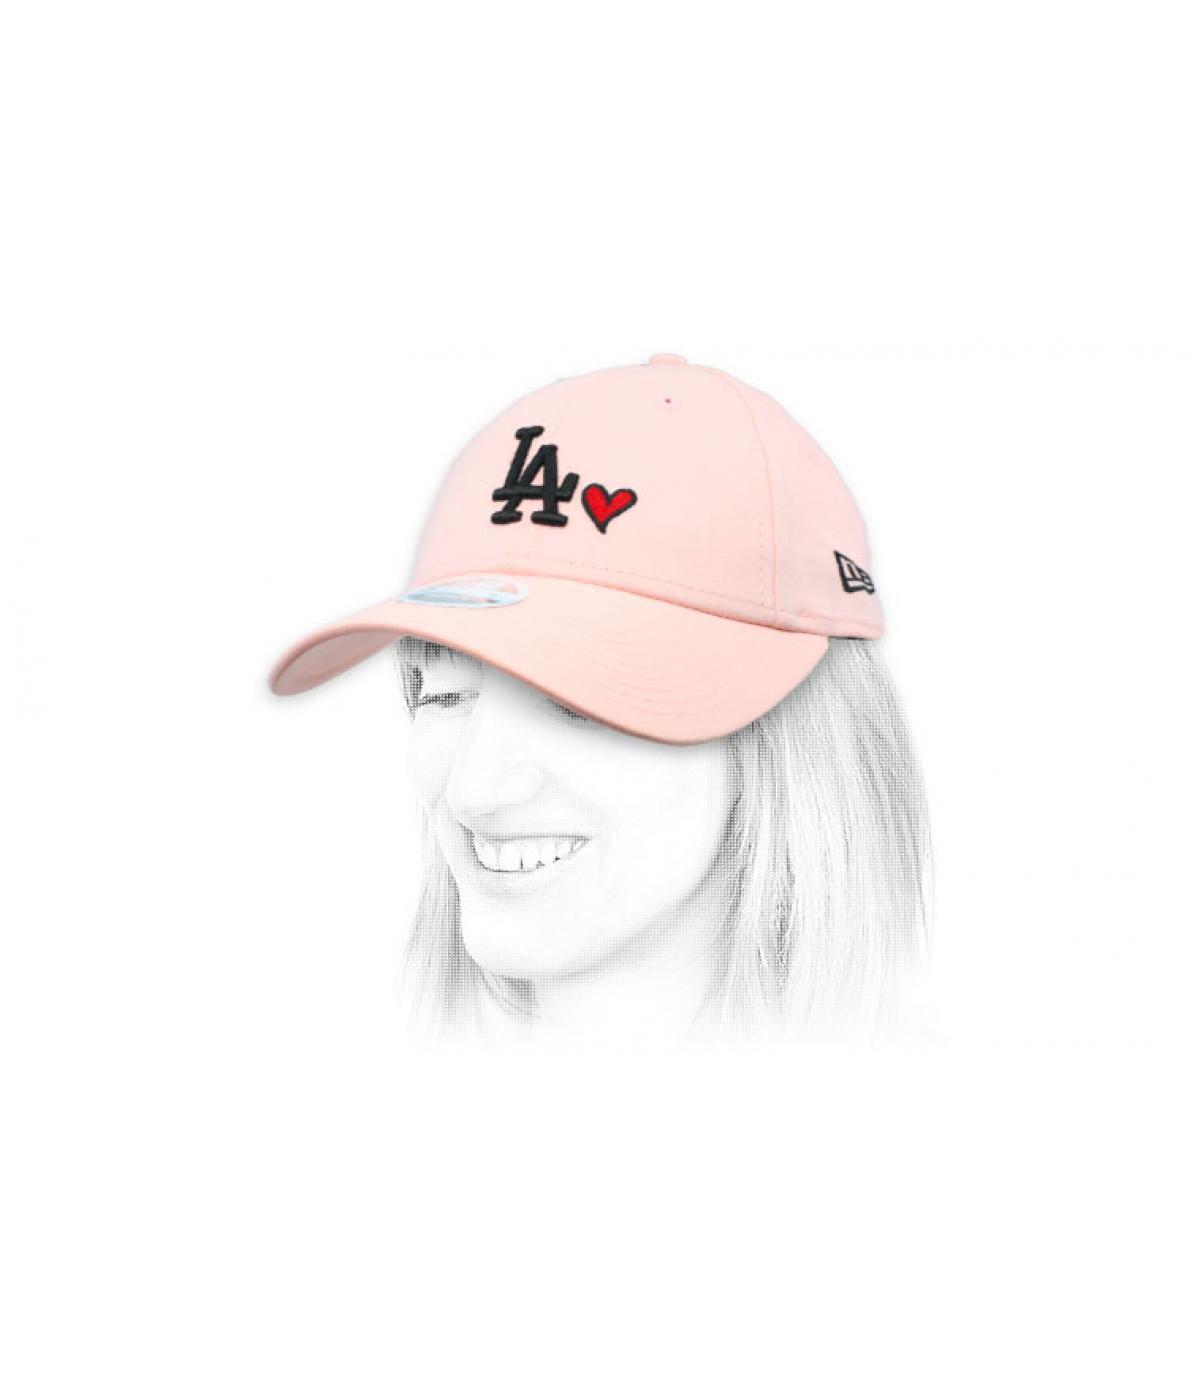 LA rose vrouw cap